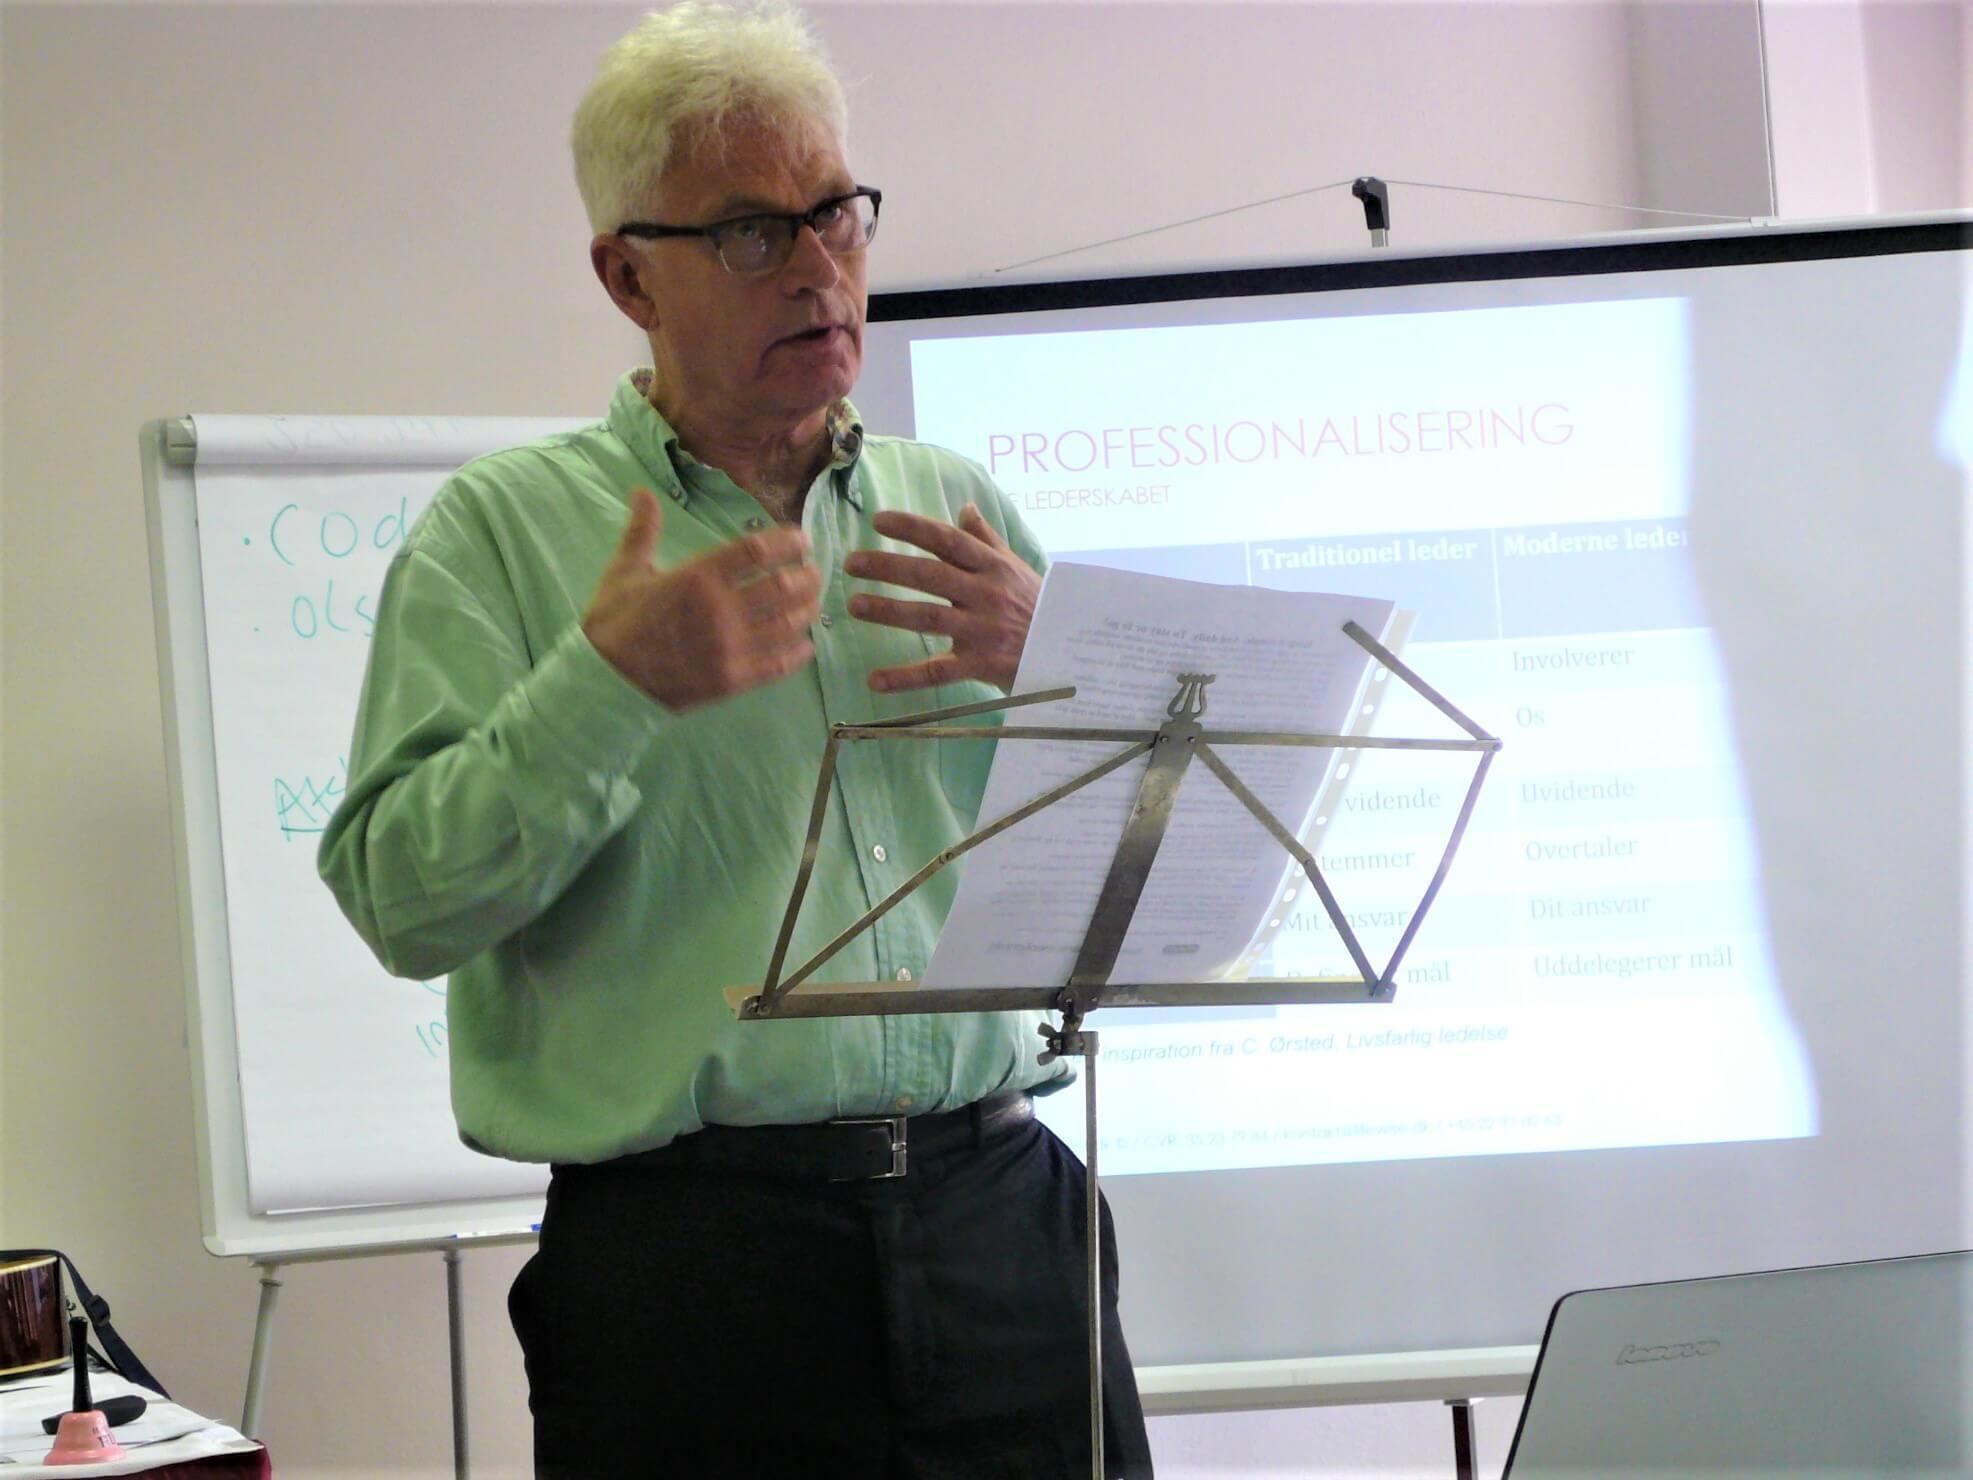 Per Ryt-hansen, SPEAKERSlounge foredrag, Seniorstyrken, foredrag, find foredragsholder, SPEKERS,ledelse, humor